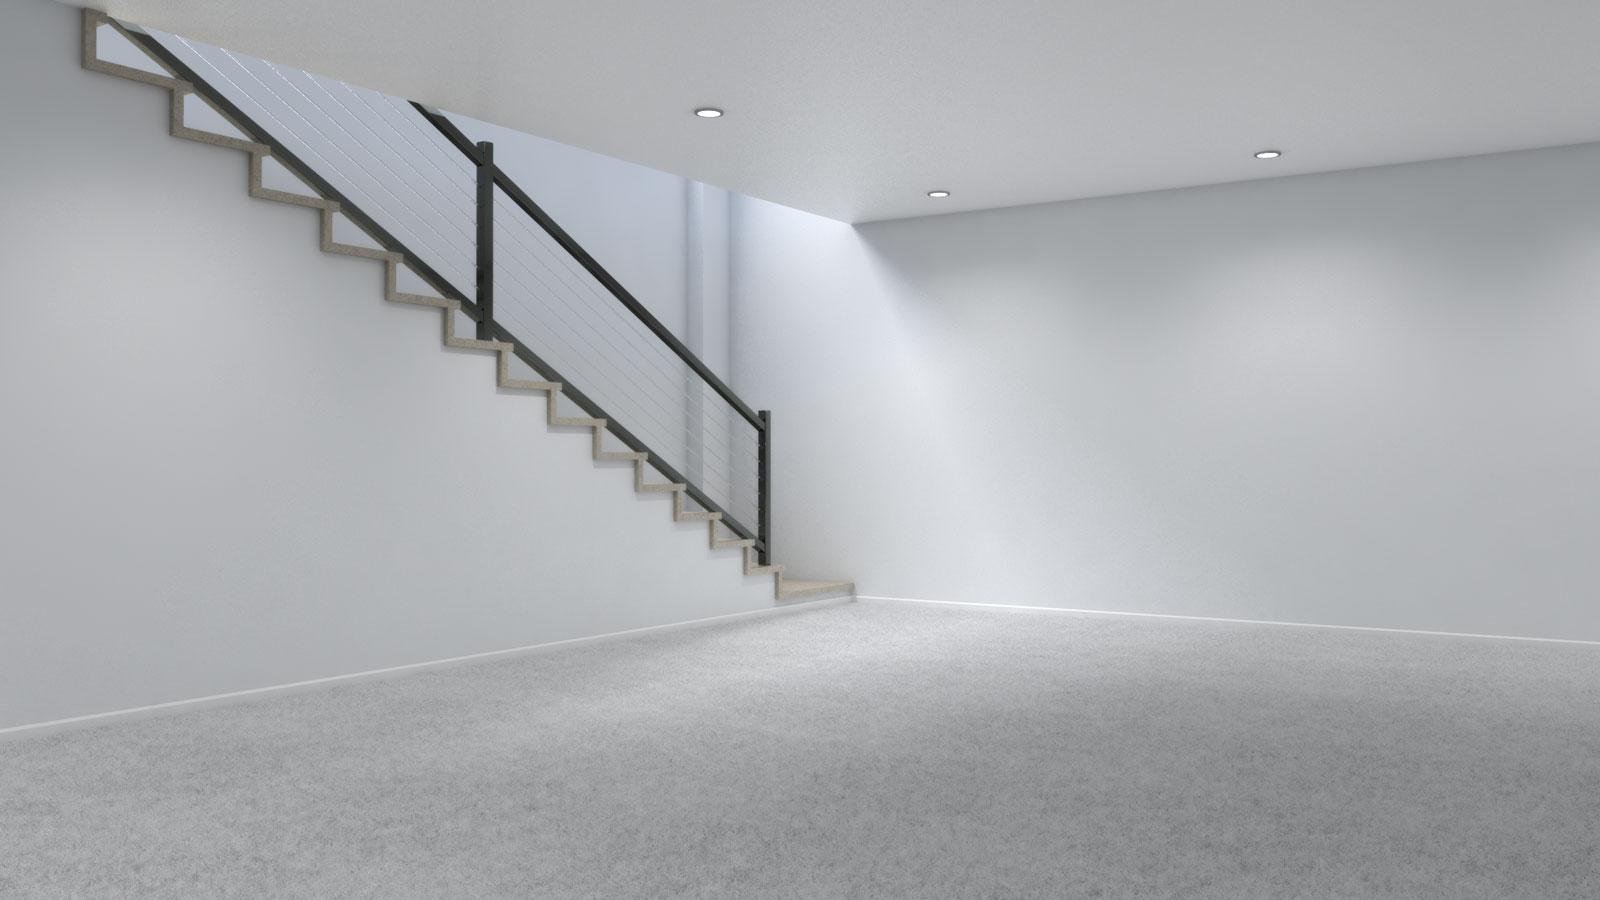 Basement using white carpet floors